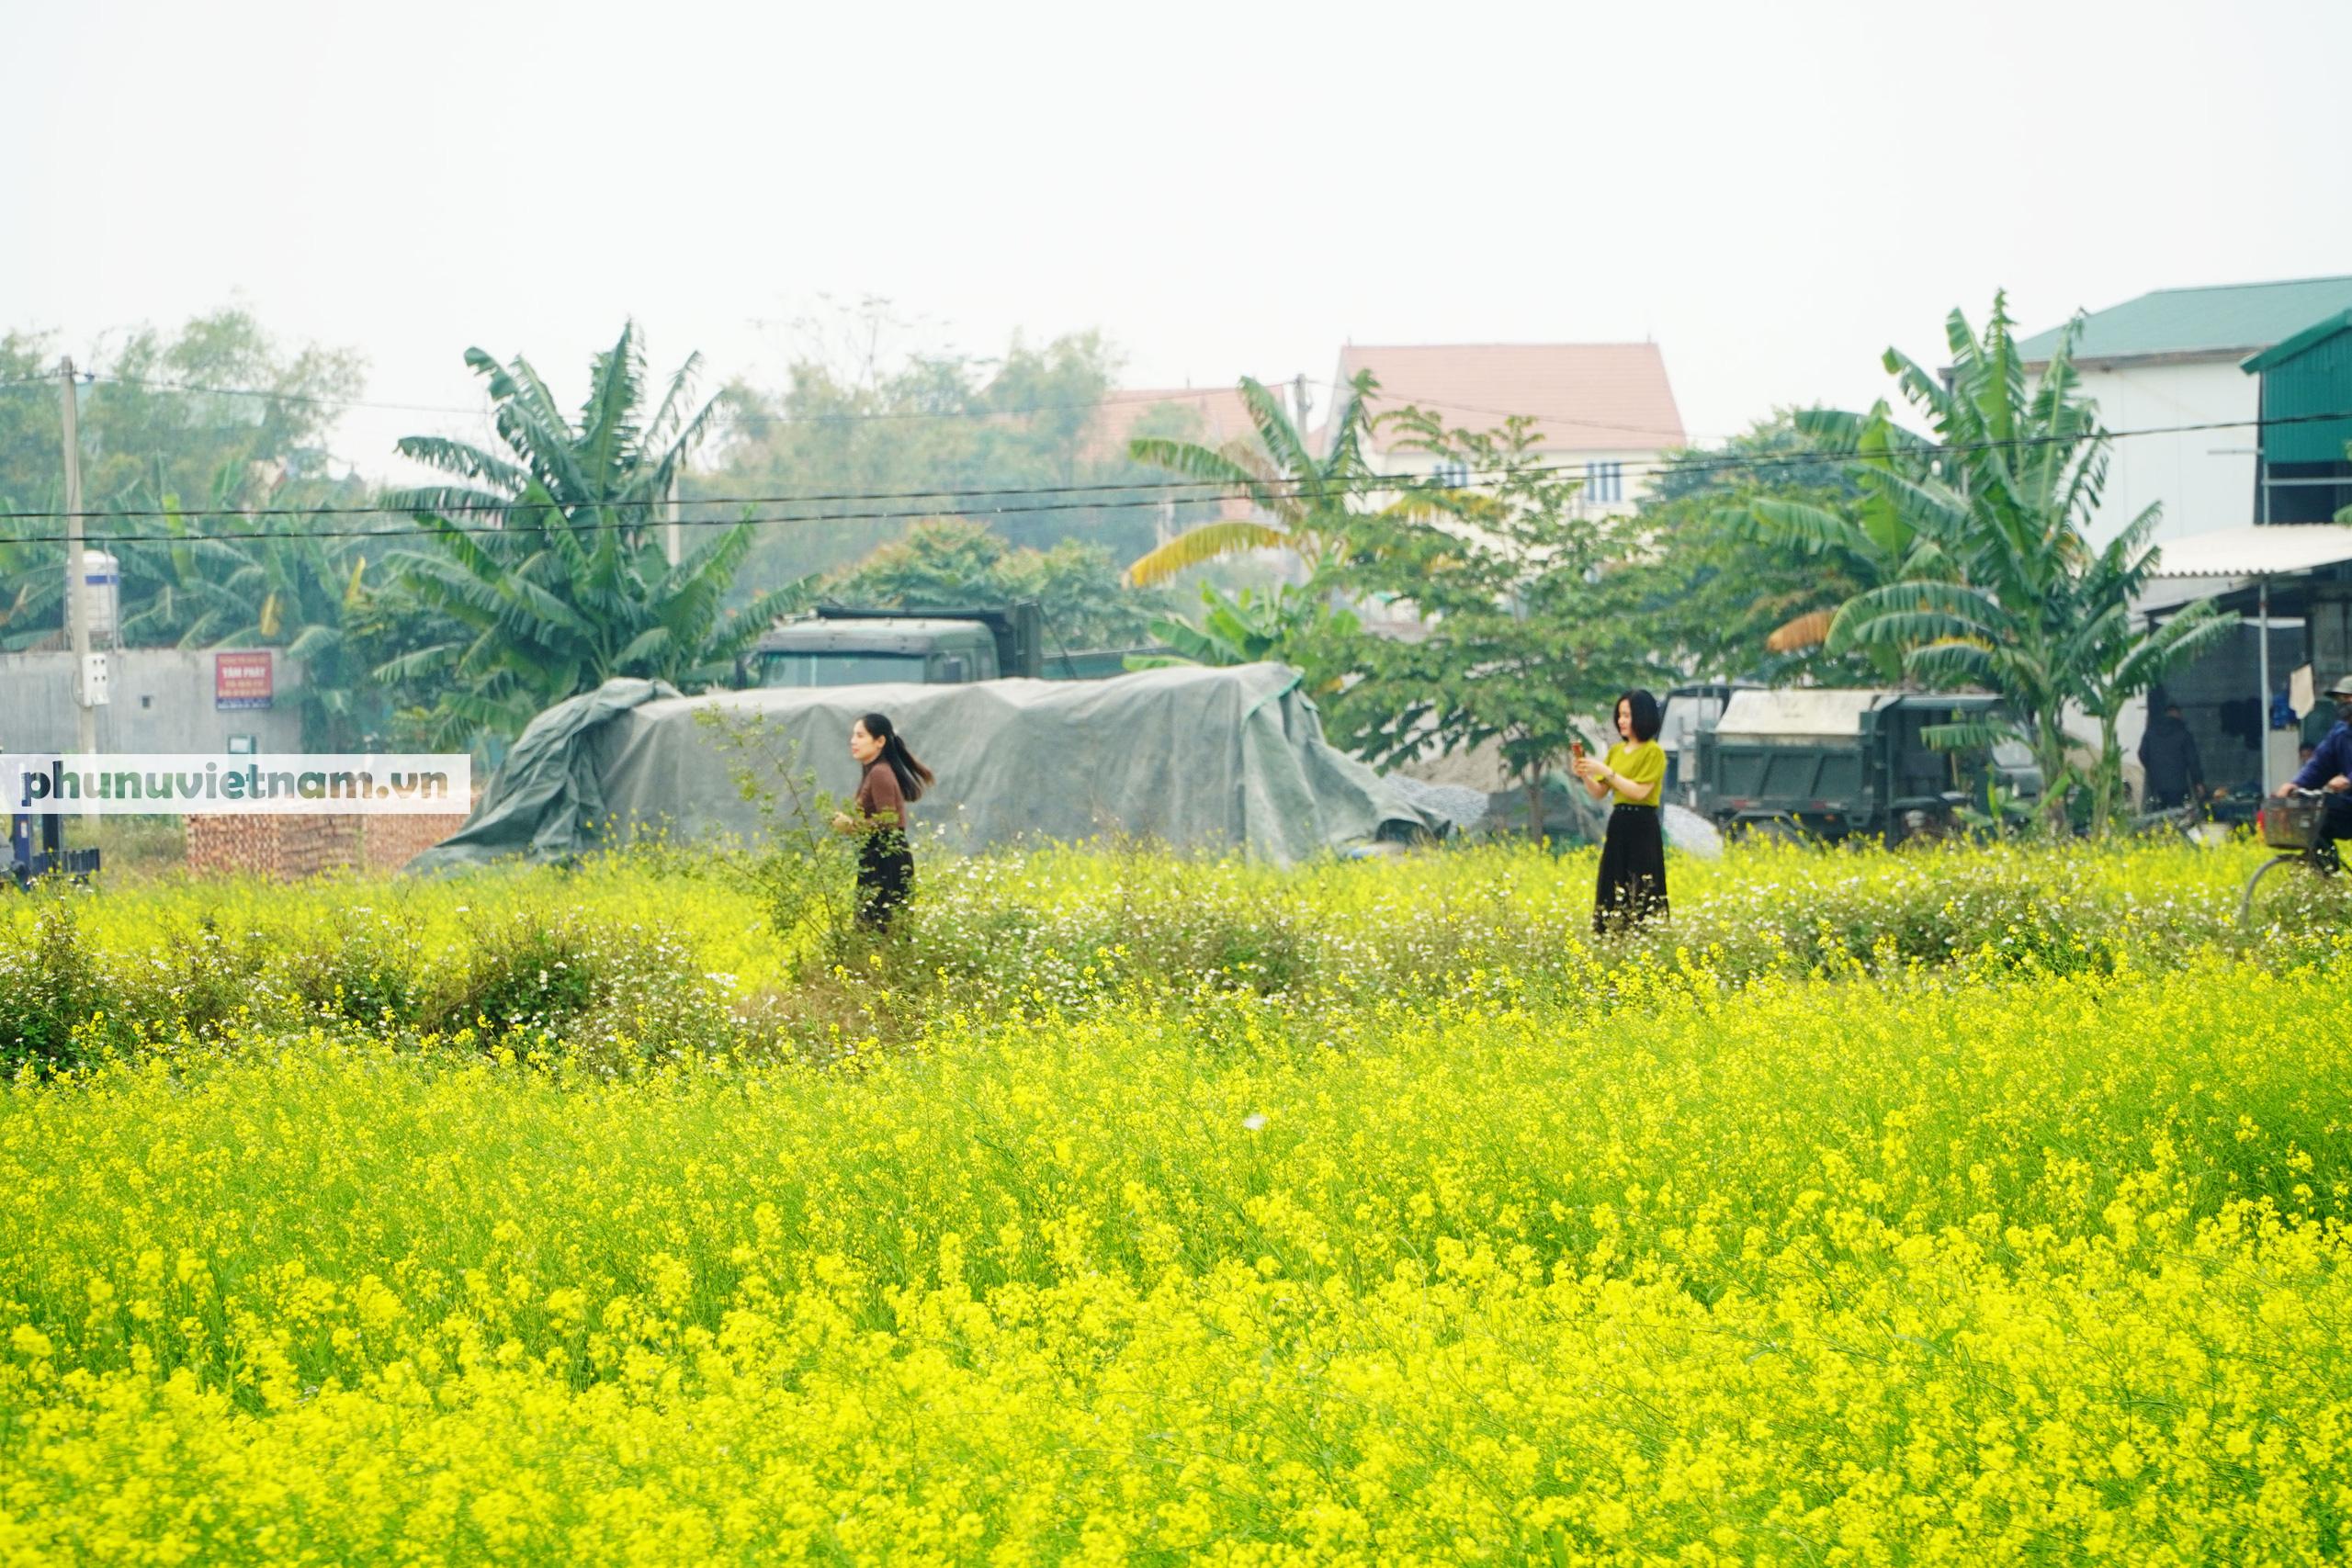 Thiếu nữ áo trắng đẹp hút lòng người trên cánh đồng hoa cải vàng ở Chi Đông - Ảnh 9.